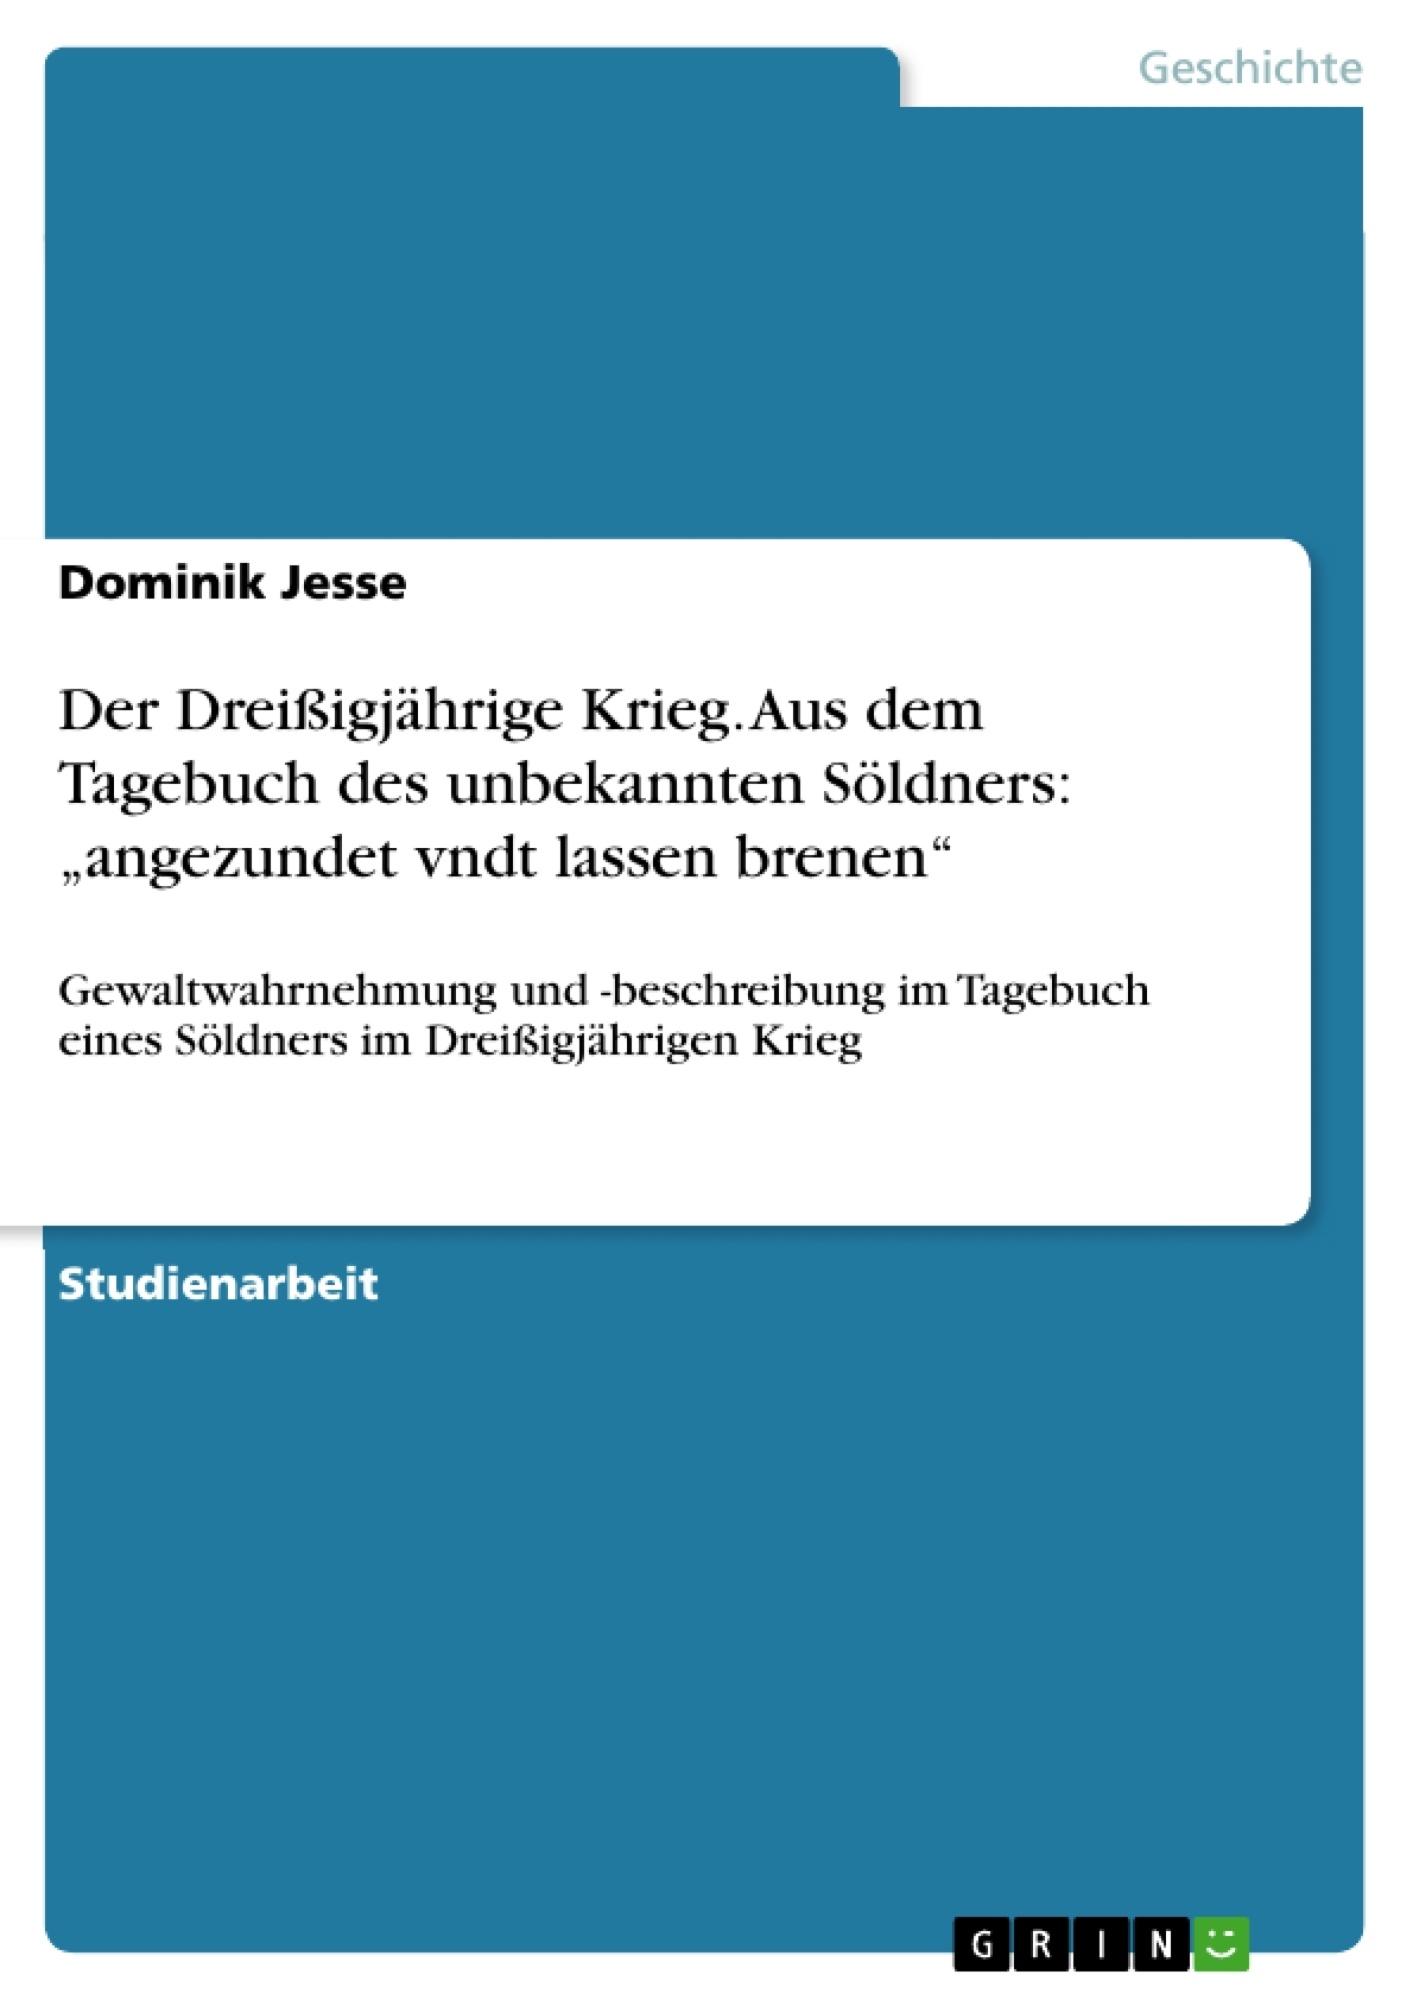 """Titel: Der Dreißigjährige Krieg. Aus dem Tagebuch des unbekannten Söldners: """"angezundet vndt lassen brenen"""""""